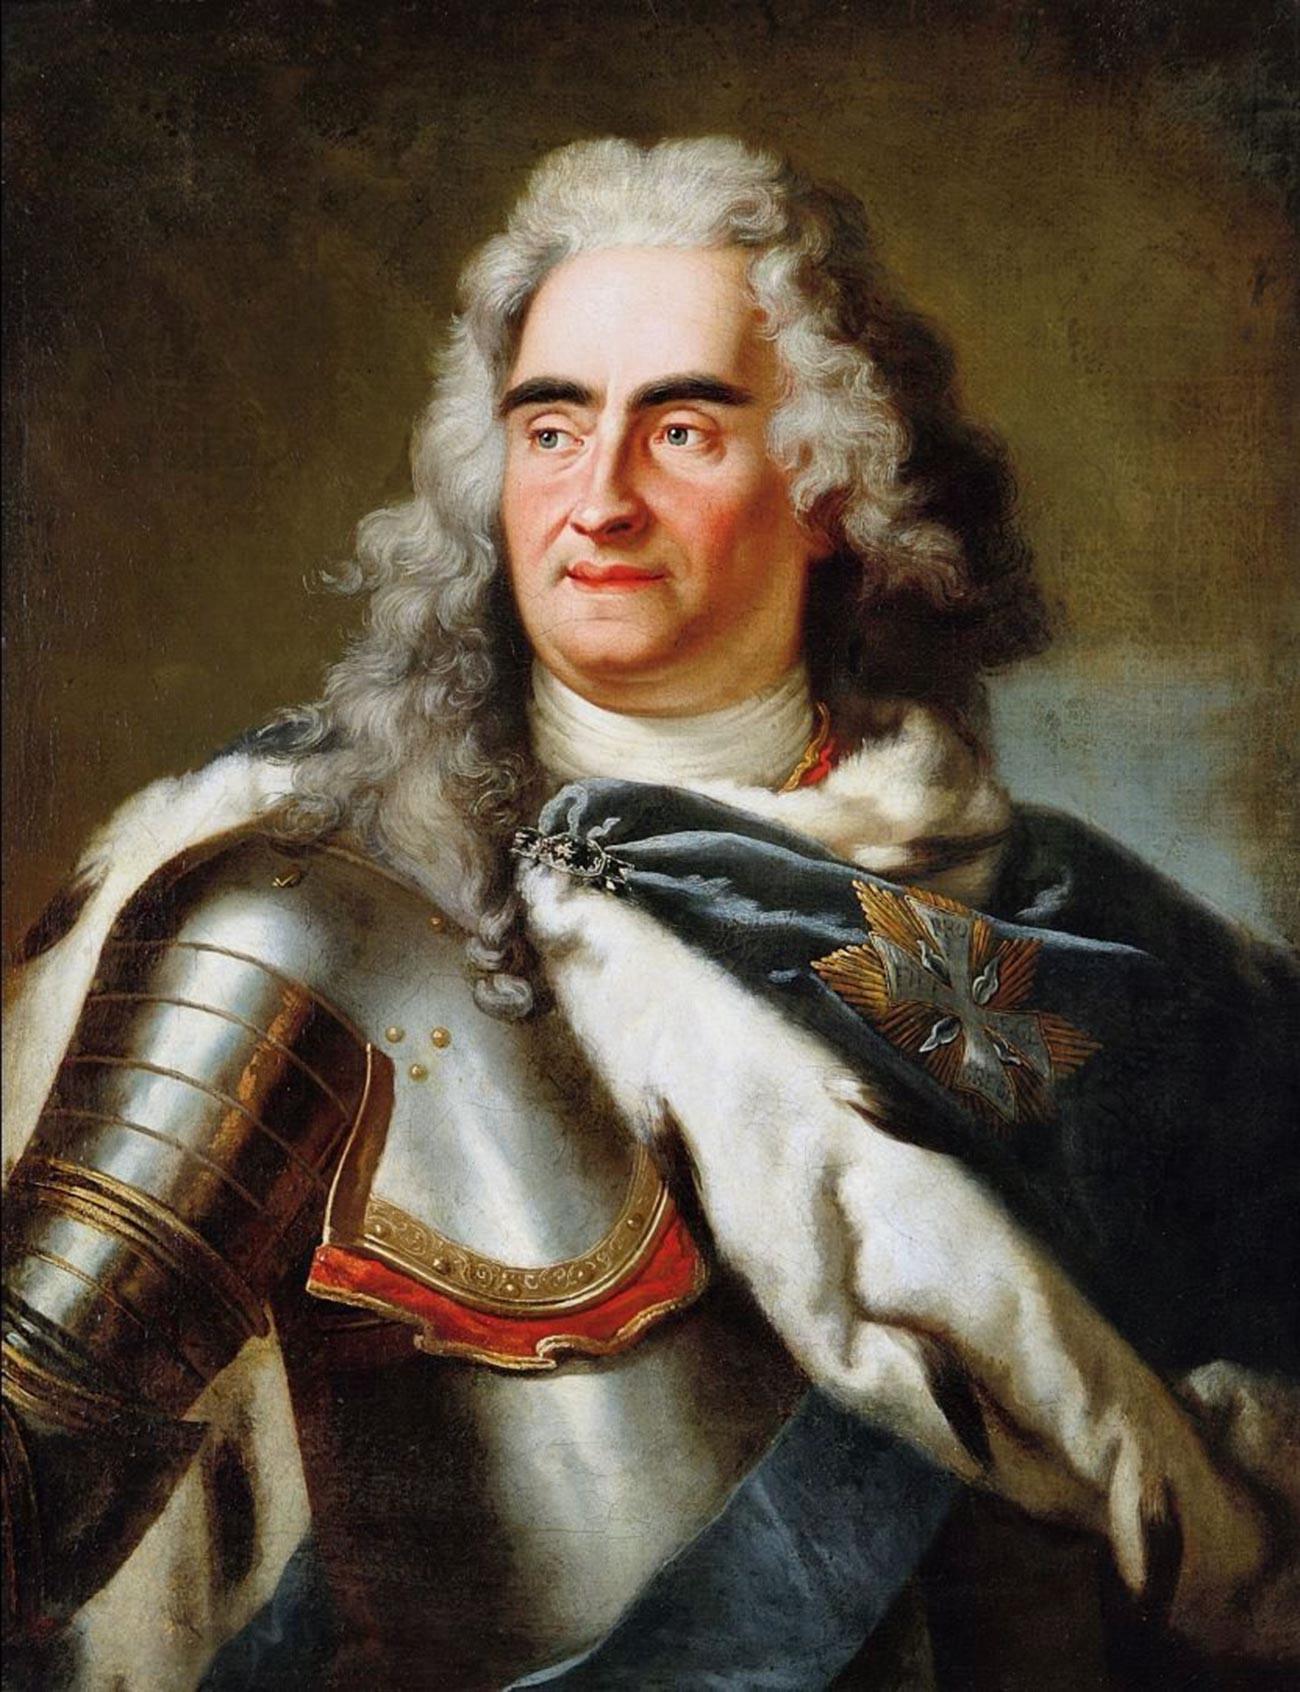 ポーランド王アウグスト強健王